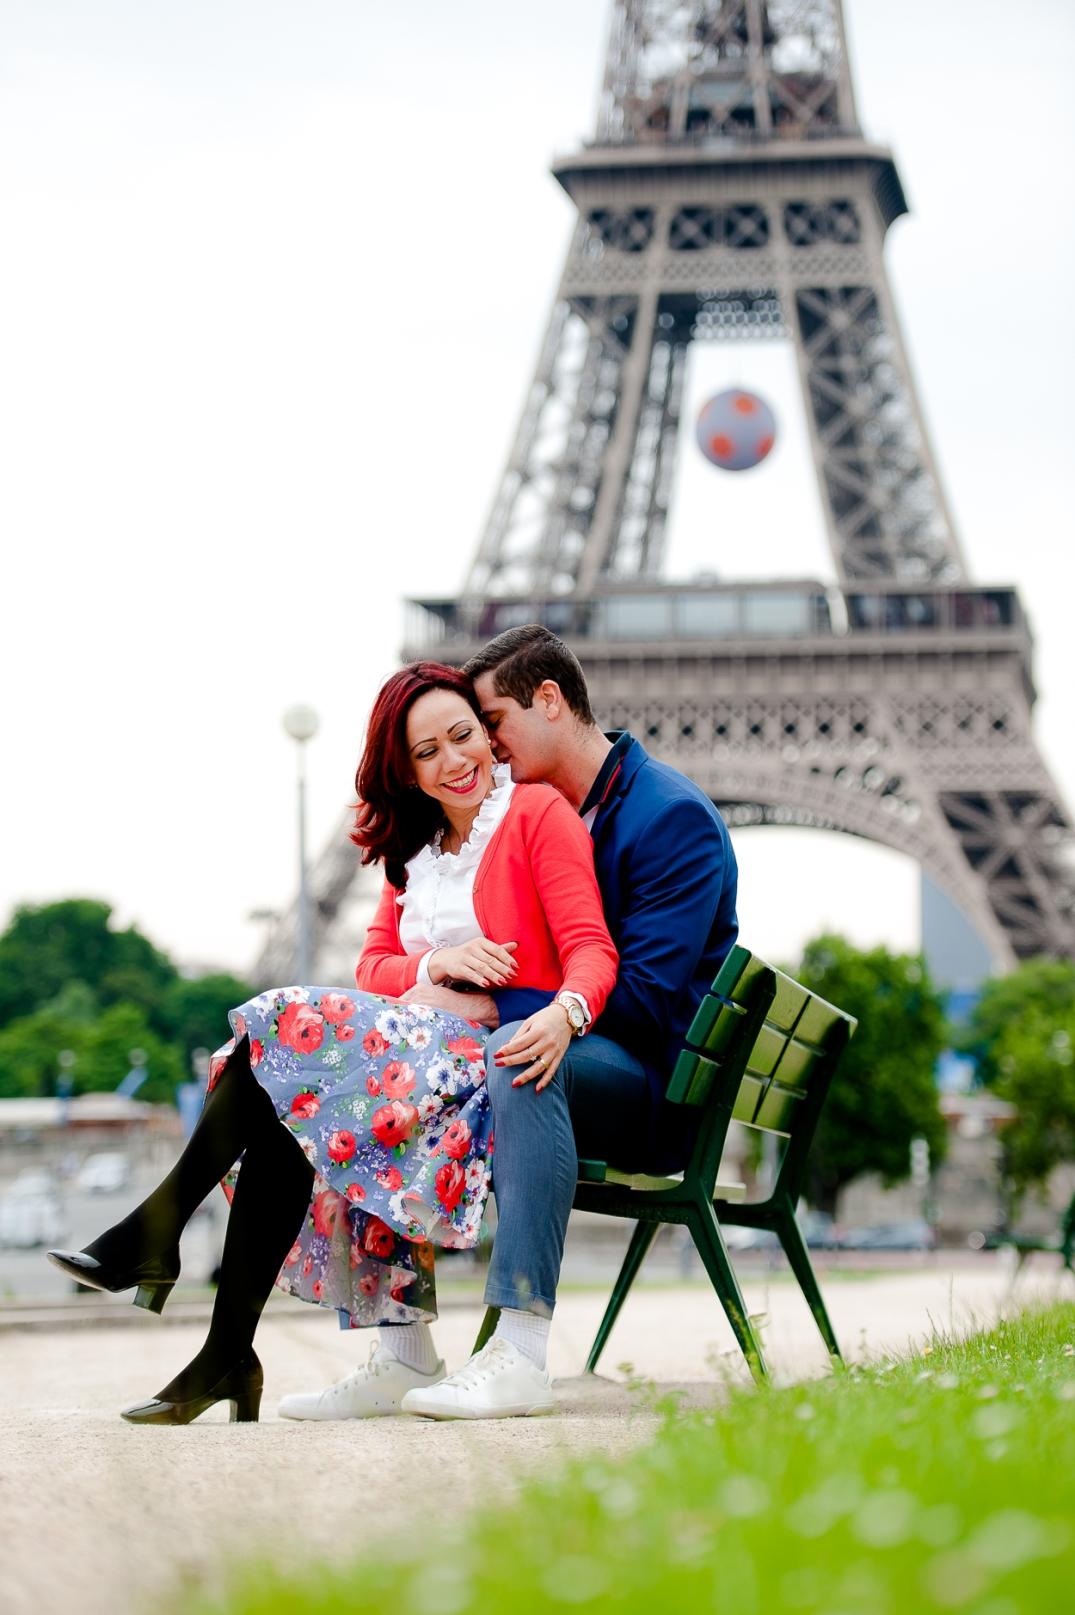 book de fotos em paris